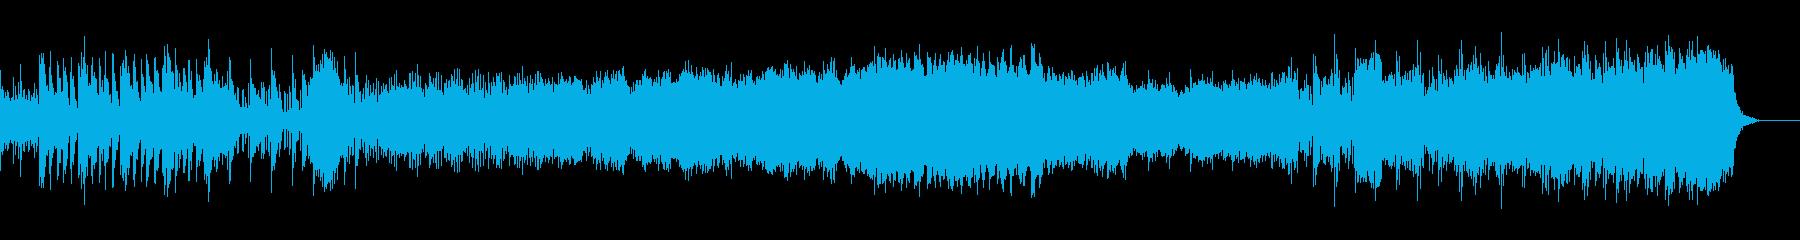 フィルムトレーラーオーケストラ。壮...の再生済みの波形